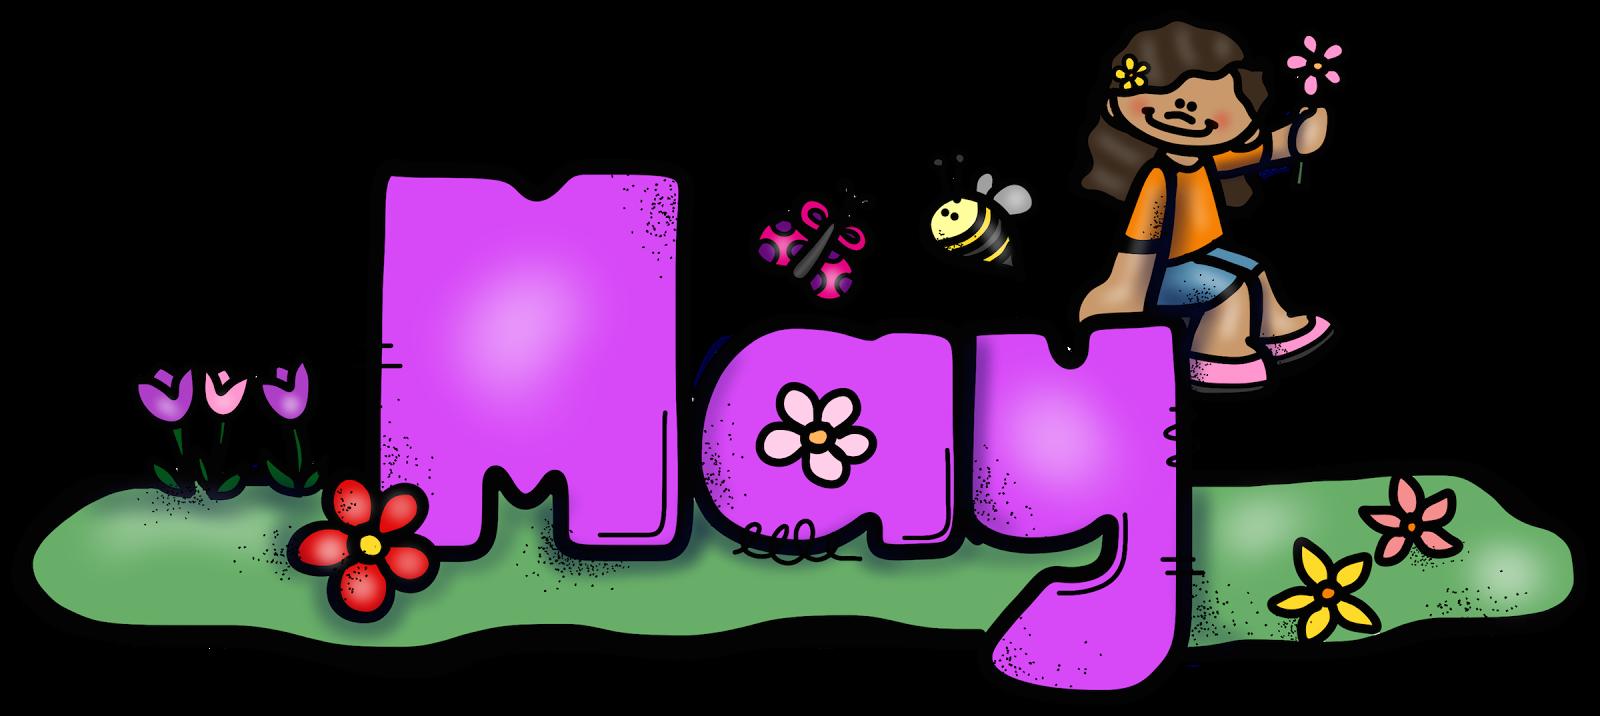 may clipart may holiday